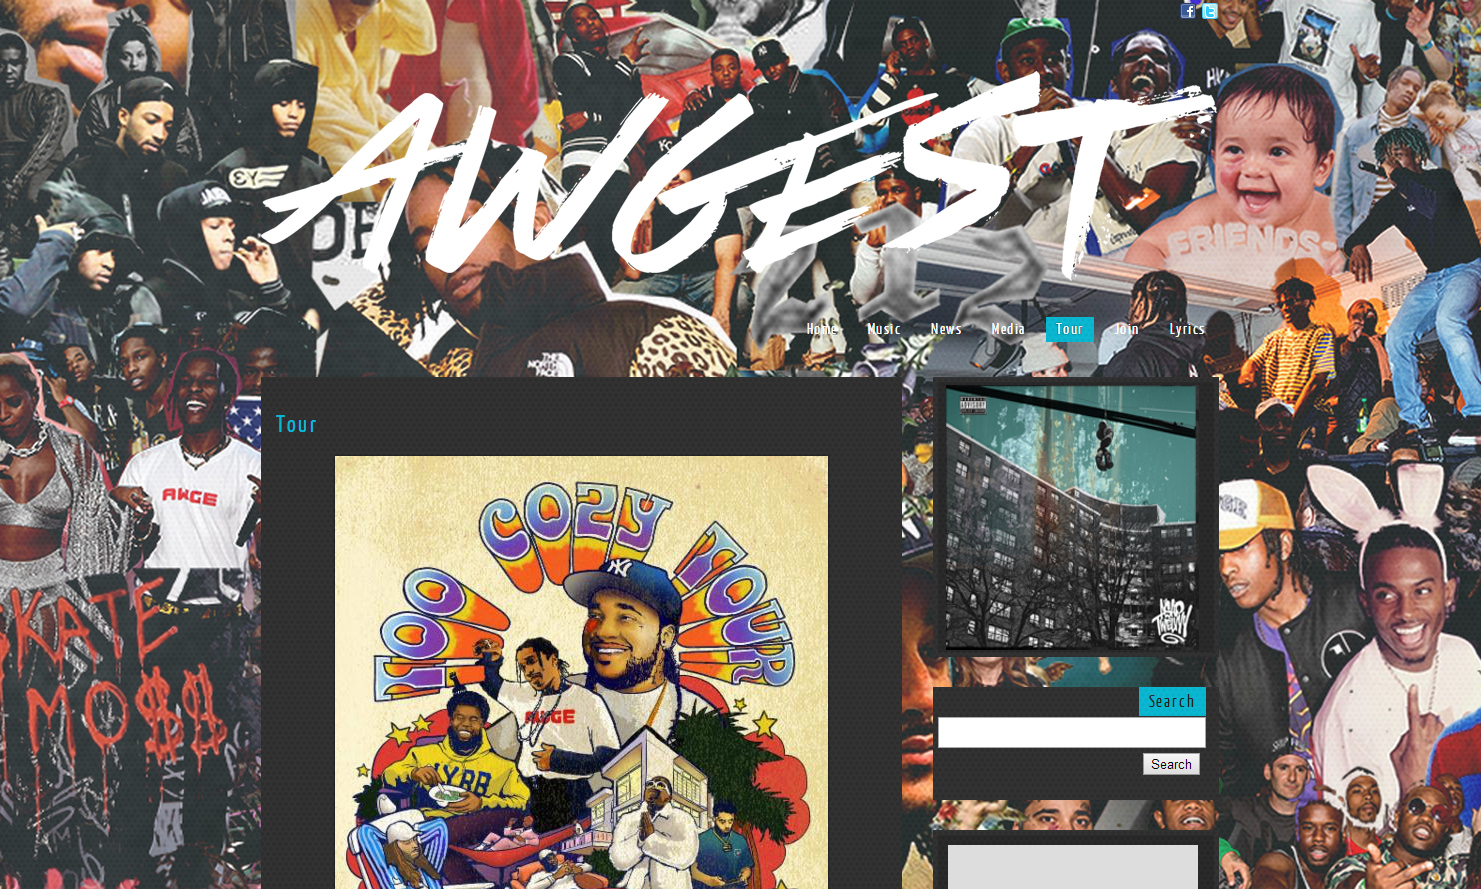 八月 AWGEST ,是你看错还是 A$AP Rocky 拼错?